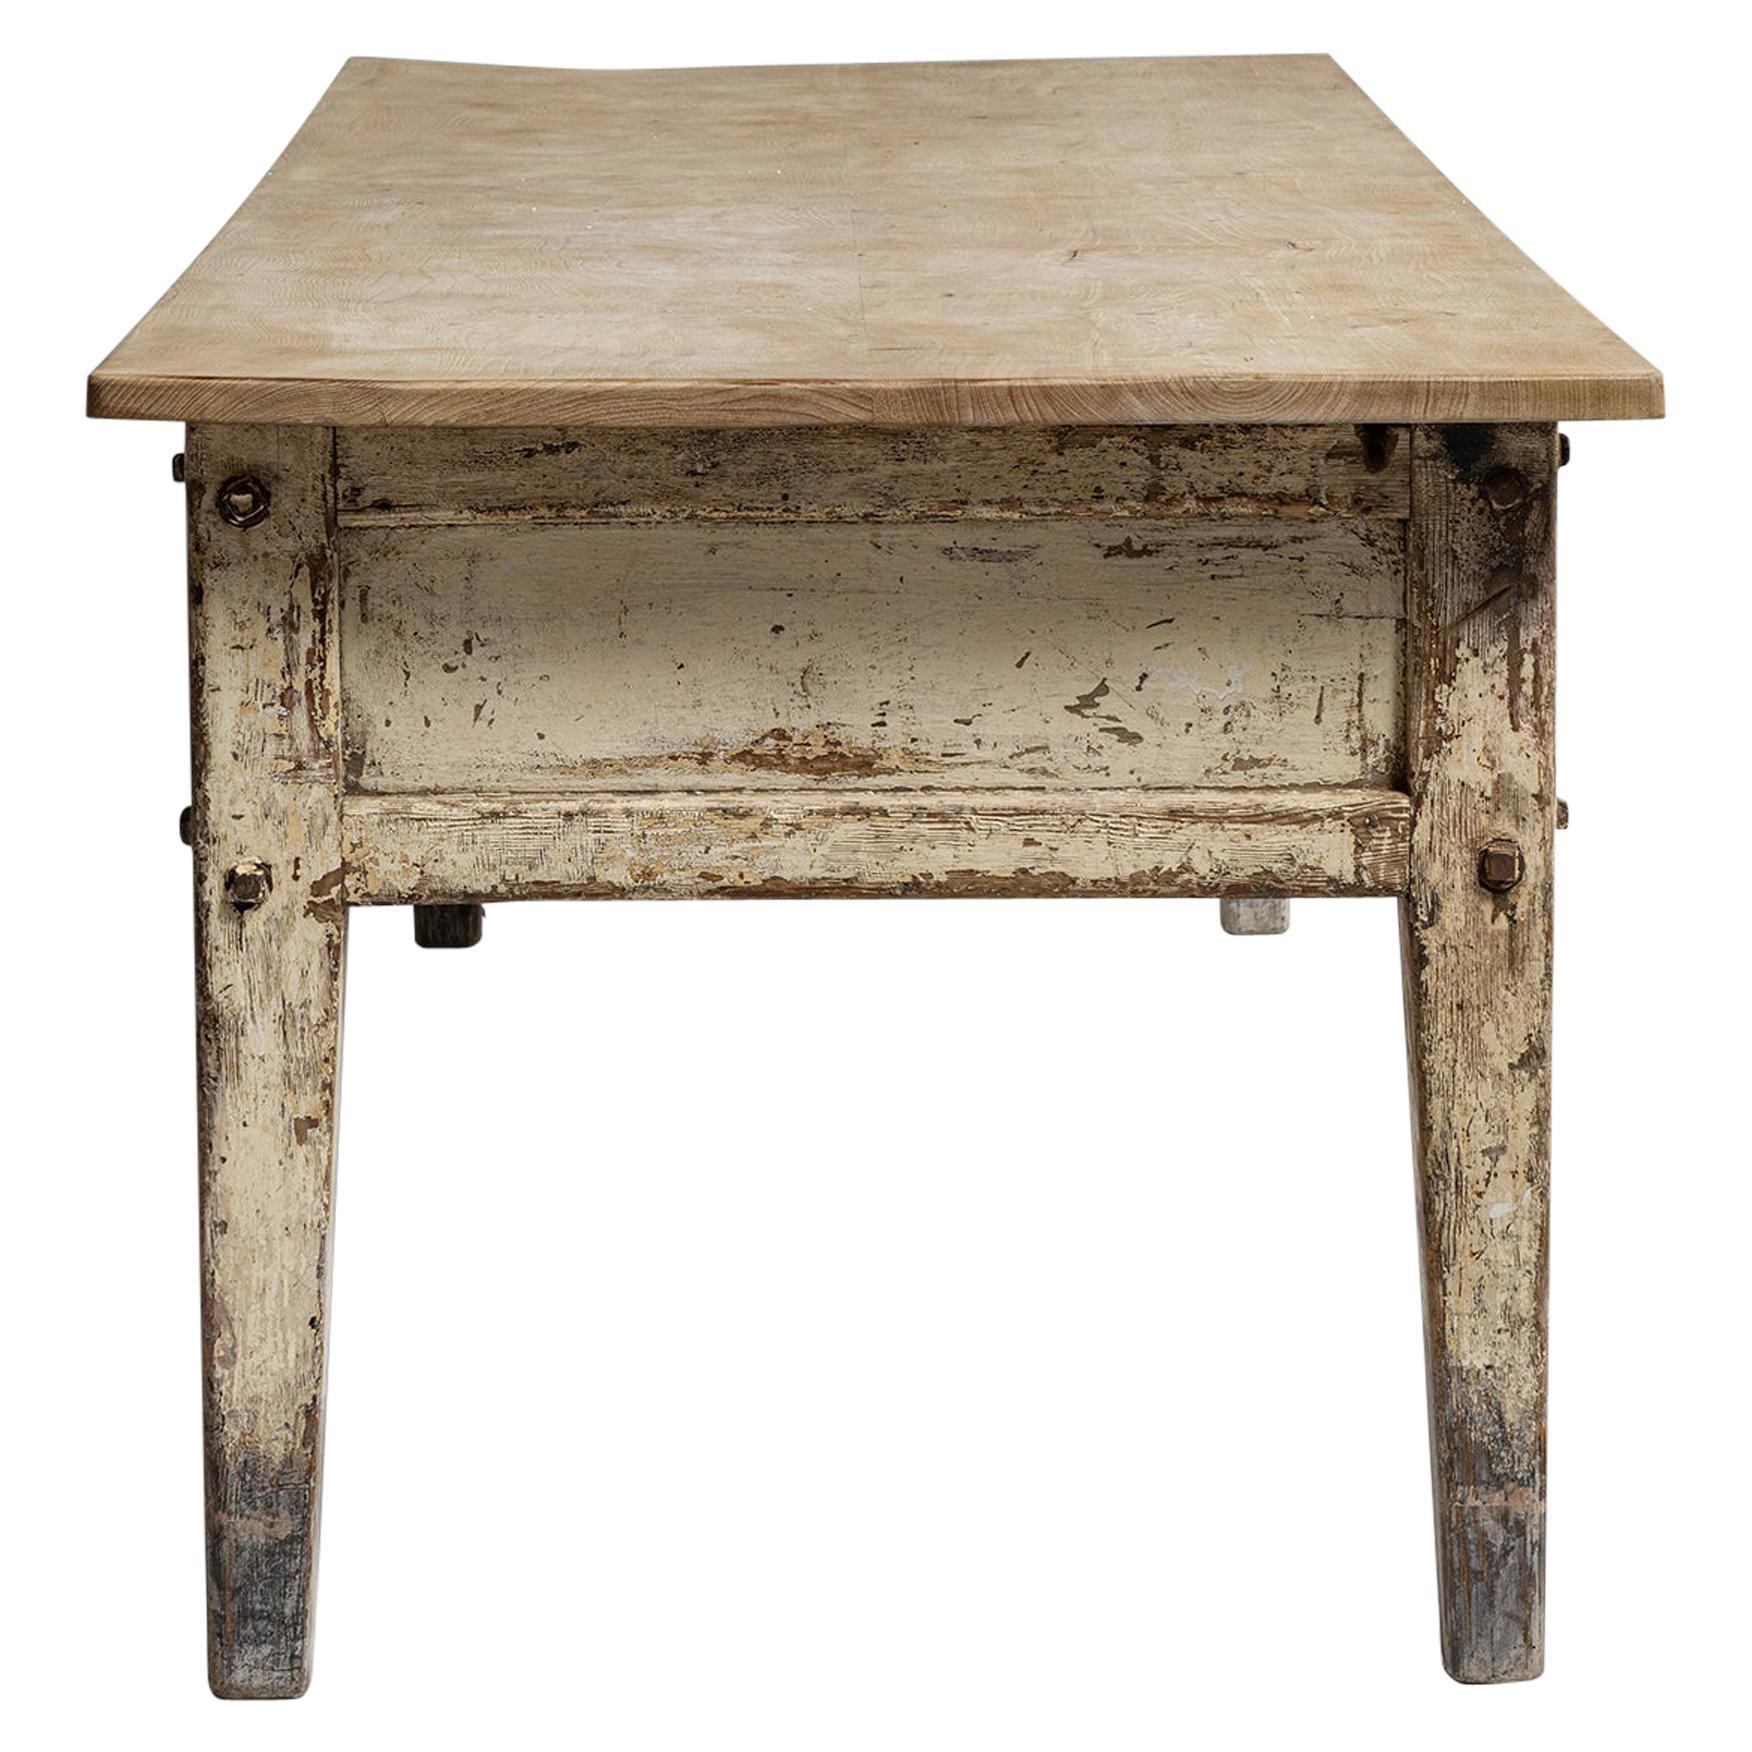 Country House Prep Table, England, Circa 1850